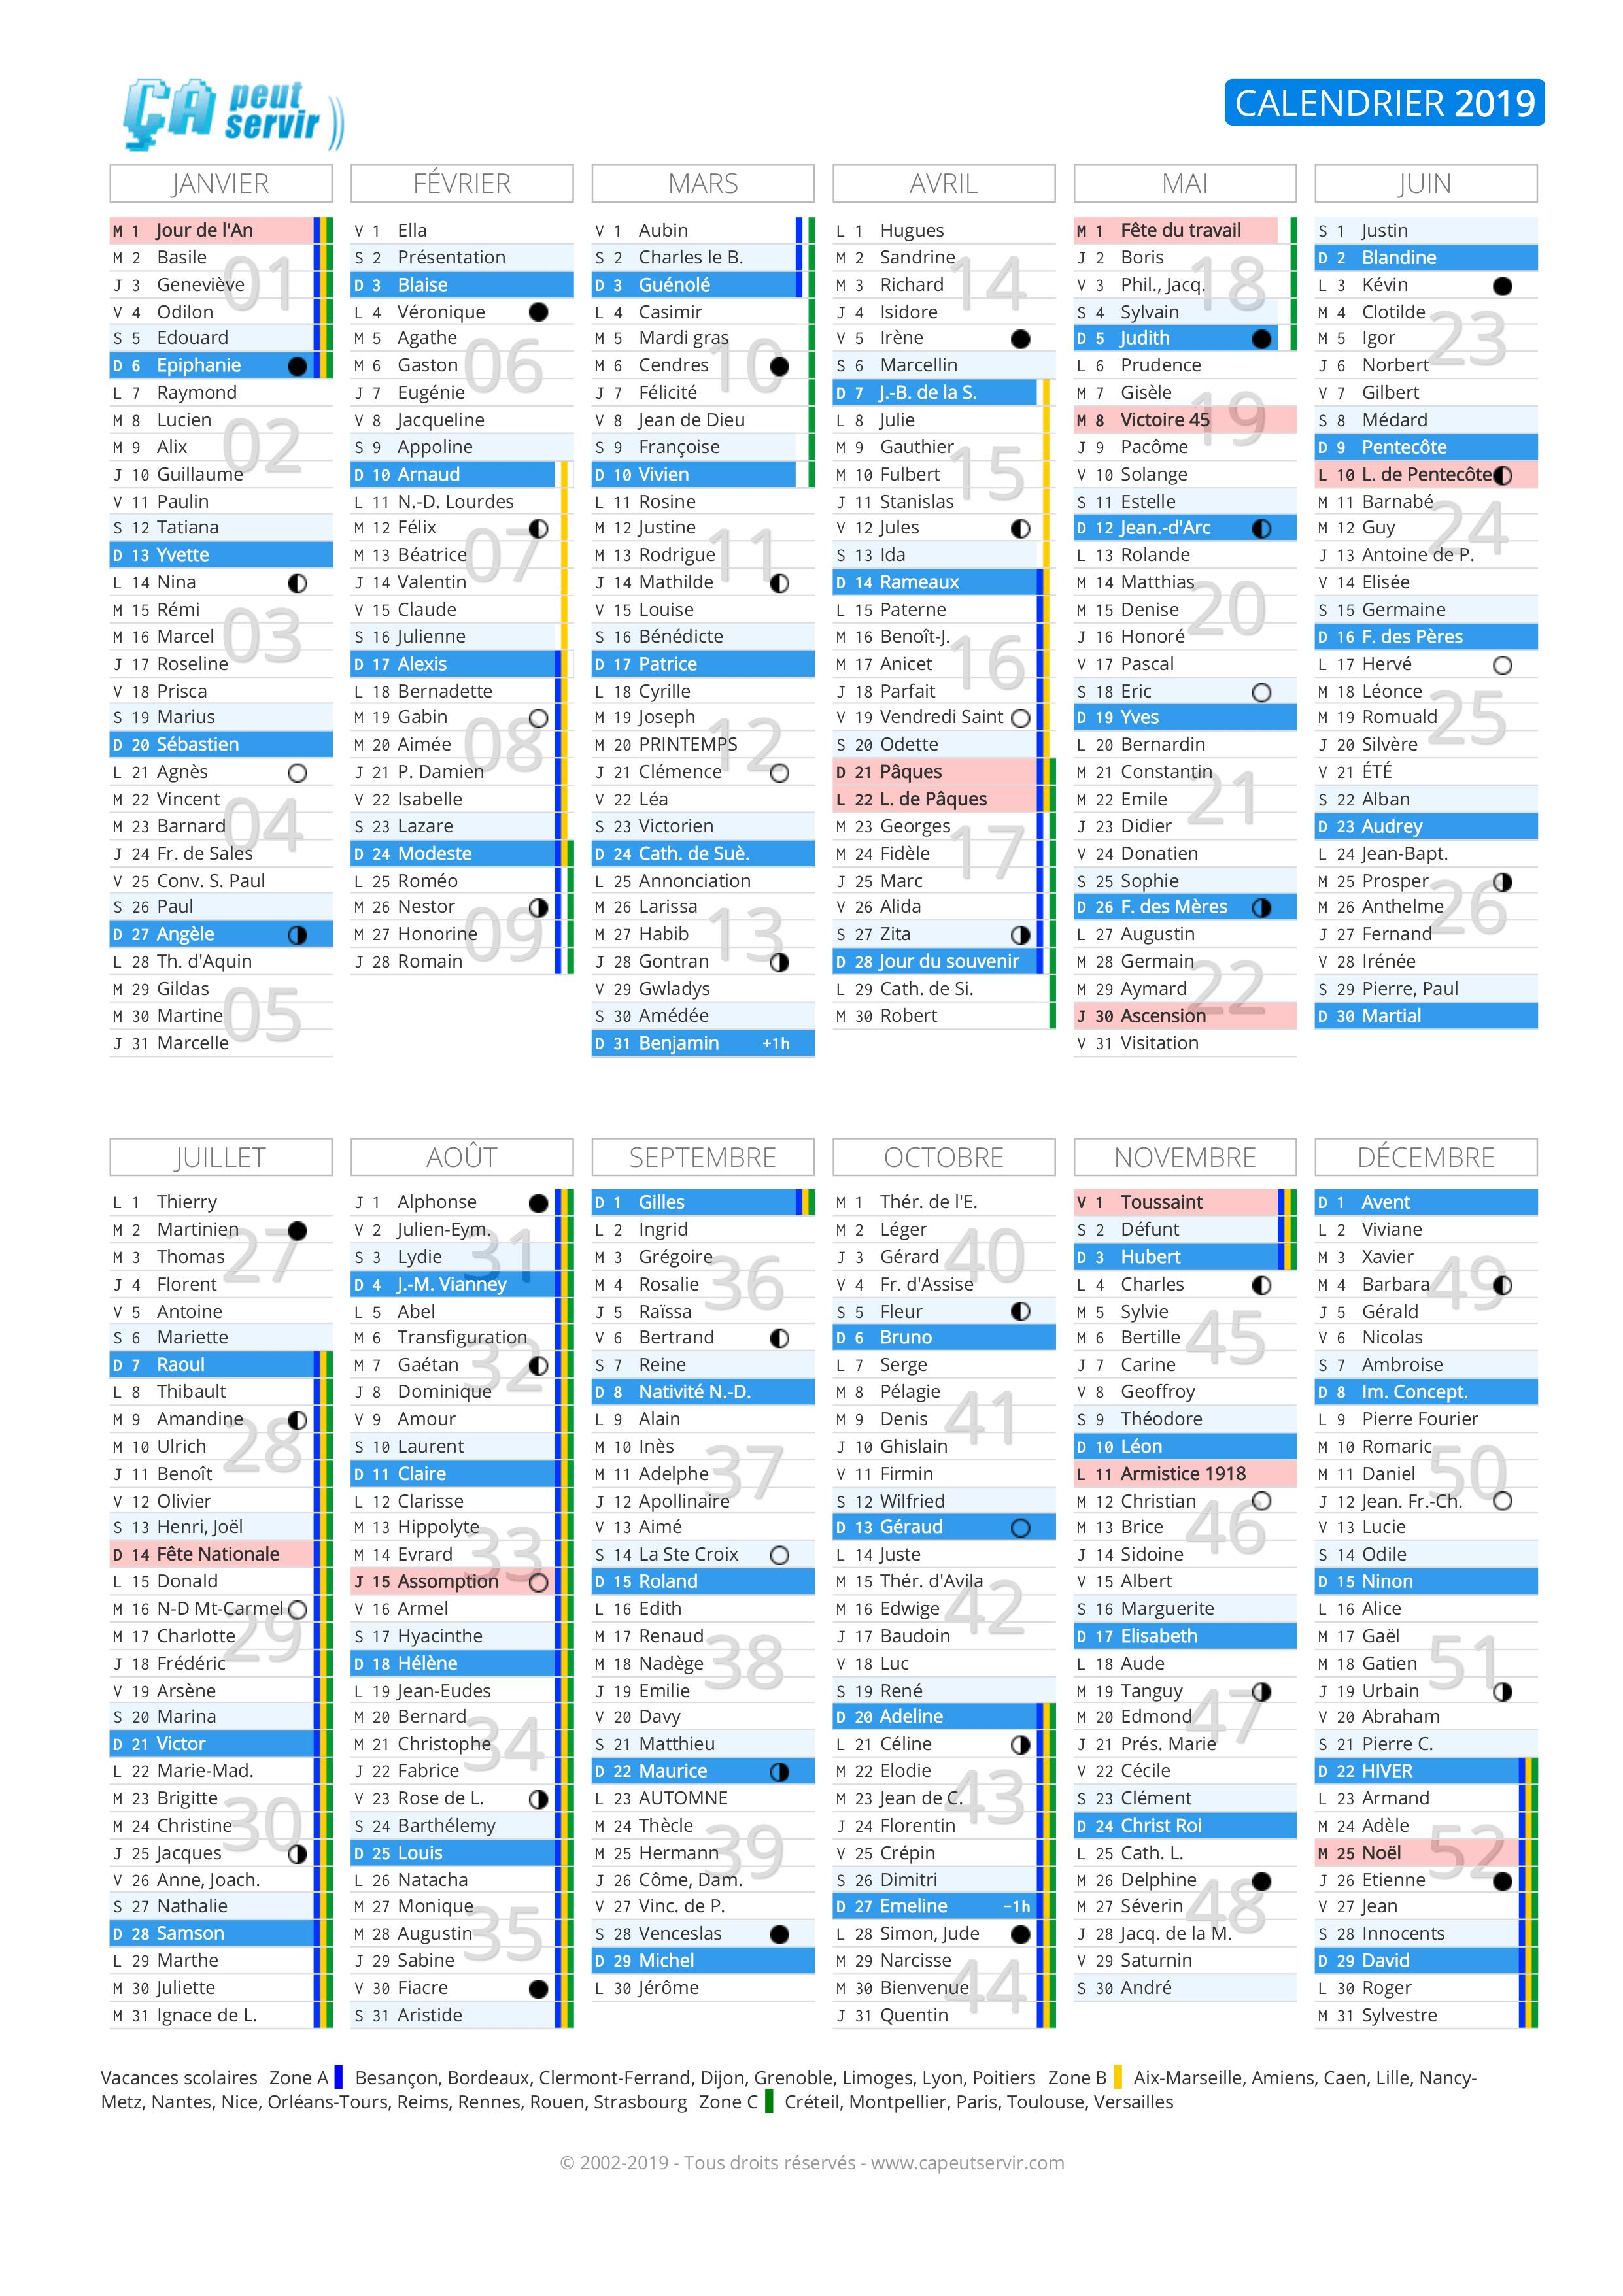 Calendrier 2021 Ca Peut Servir Calendrier 2019 : Vacances, jours fériés, numéros de semaine